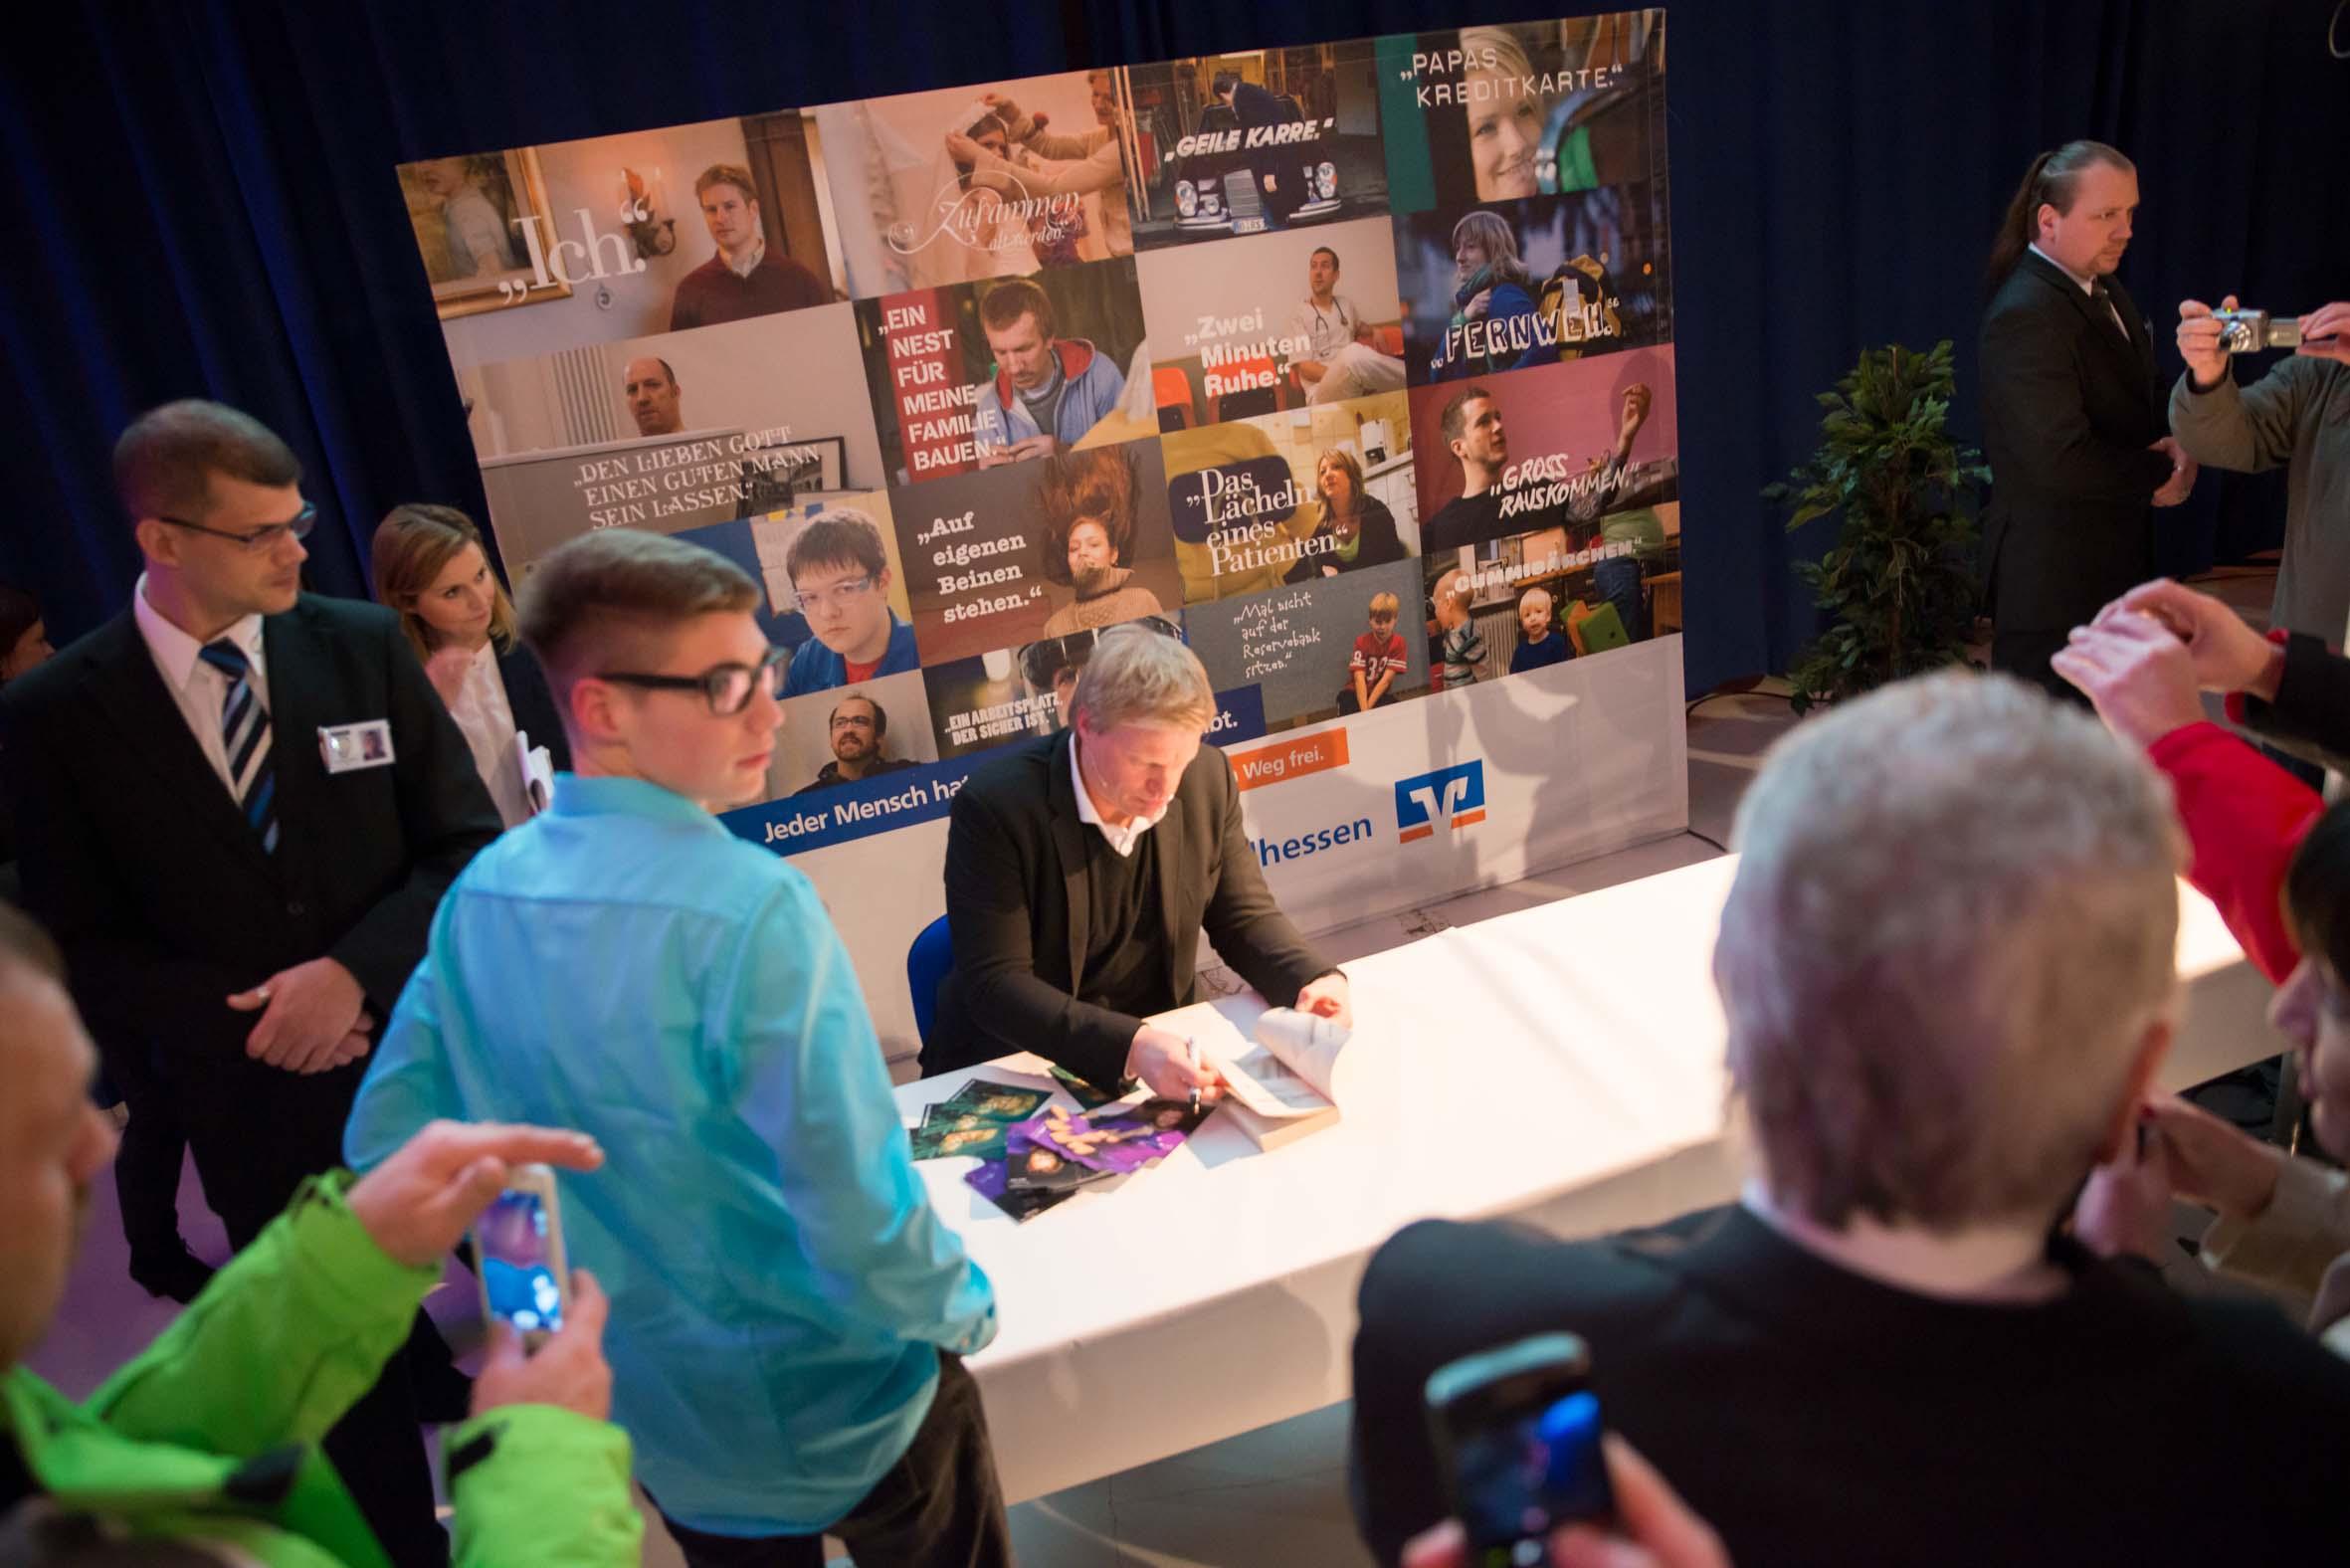 Bildergalerie Mitgliederversammlung 2015 in Gießen, Bild 72